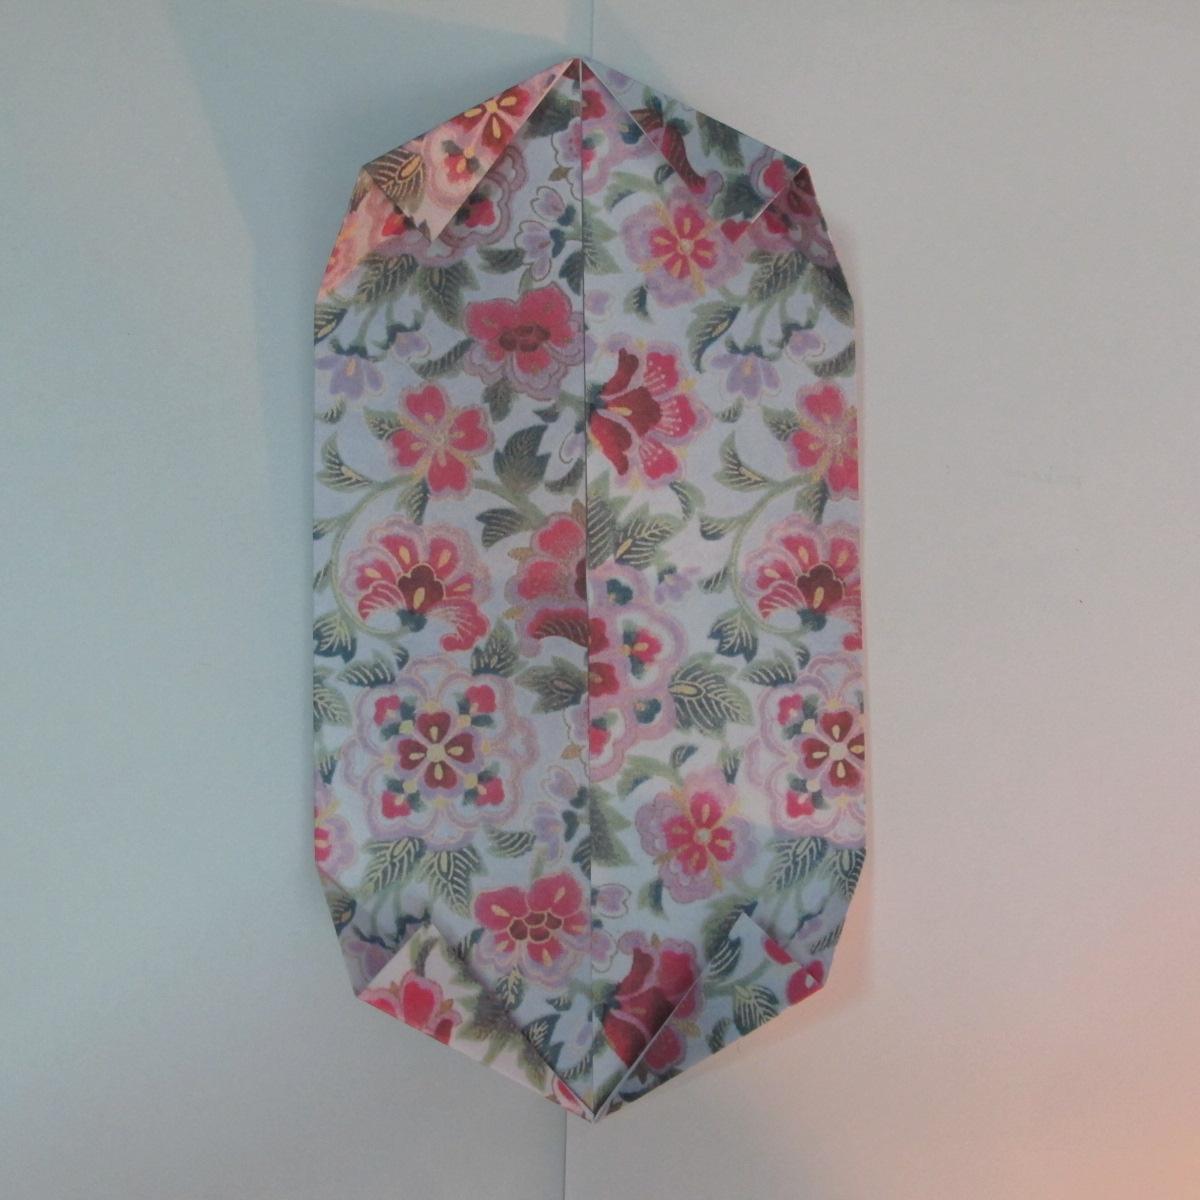 การพับกระดาษเป็นรูปหัวใจแบบ 3 มิติ 017